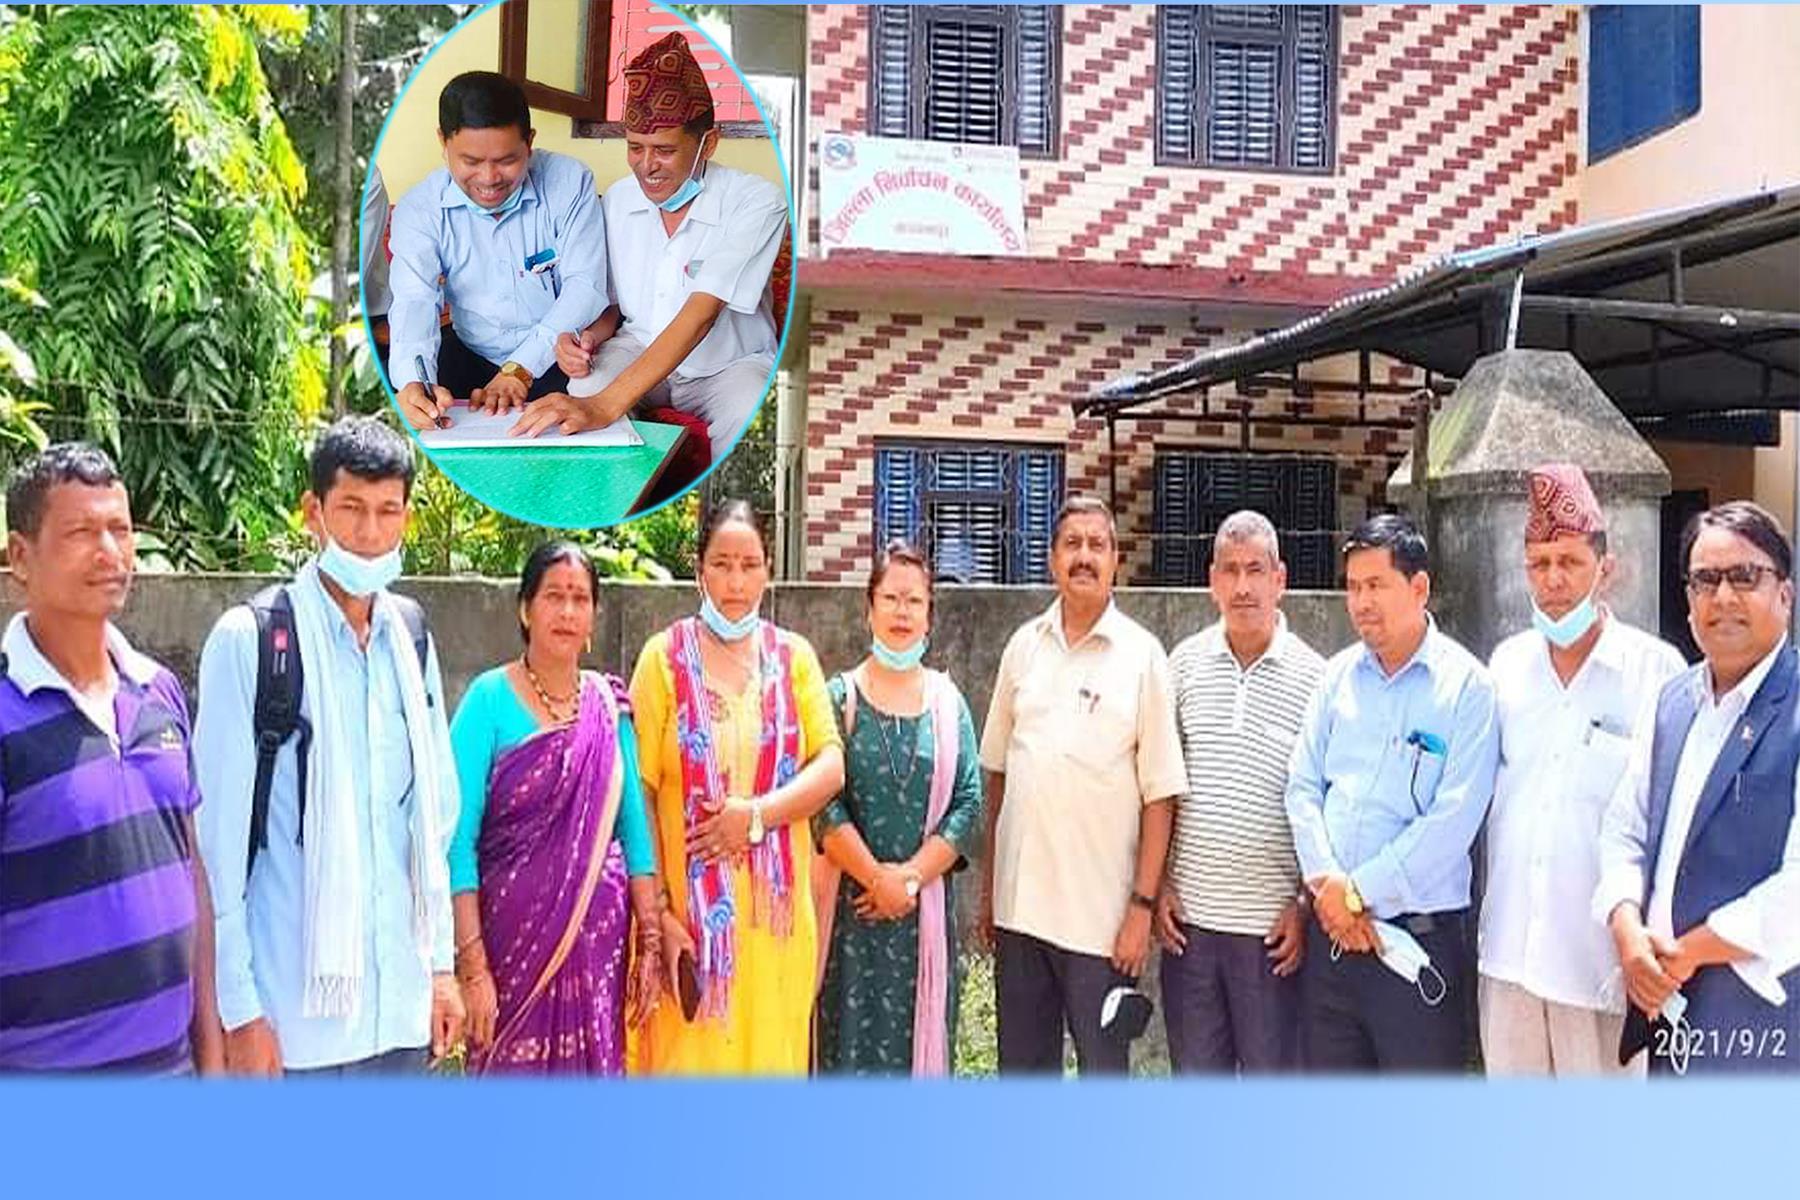 कञ्चनपुरका  जनप्रतिनिधि समाजवादी राेज्दै